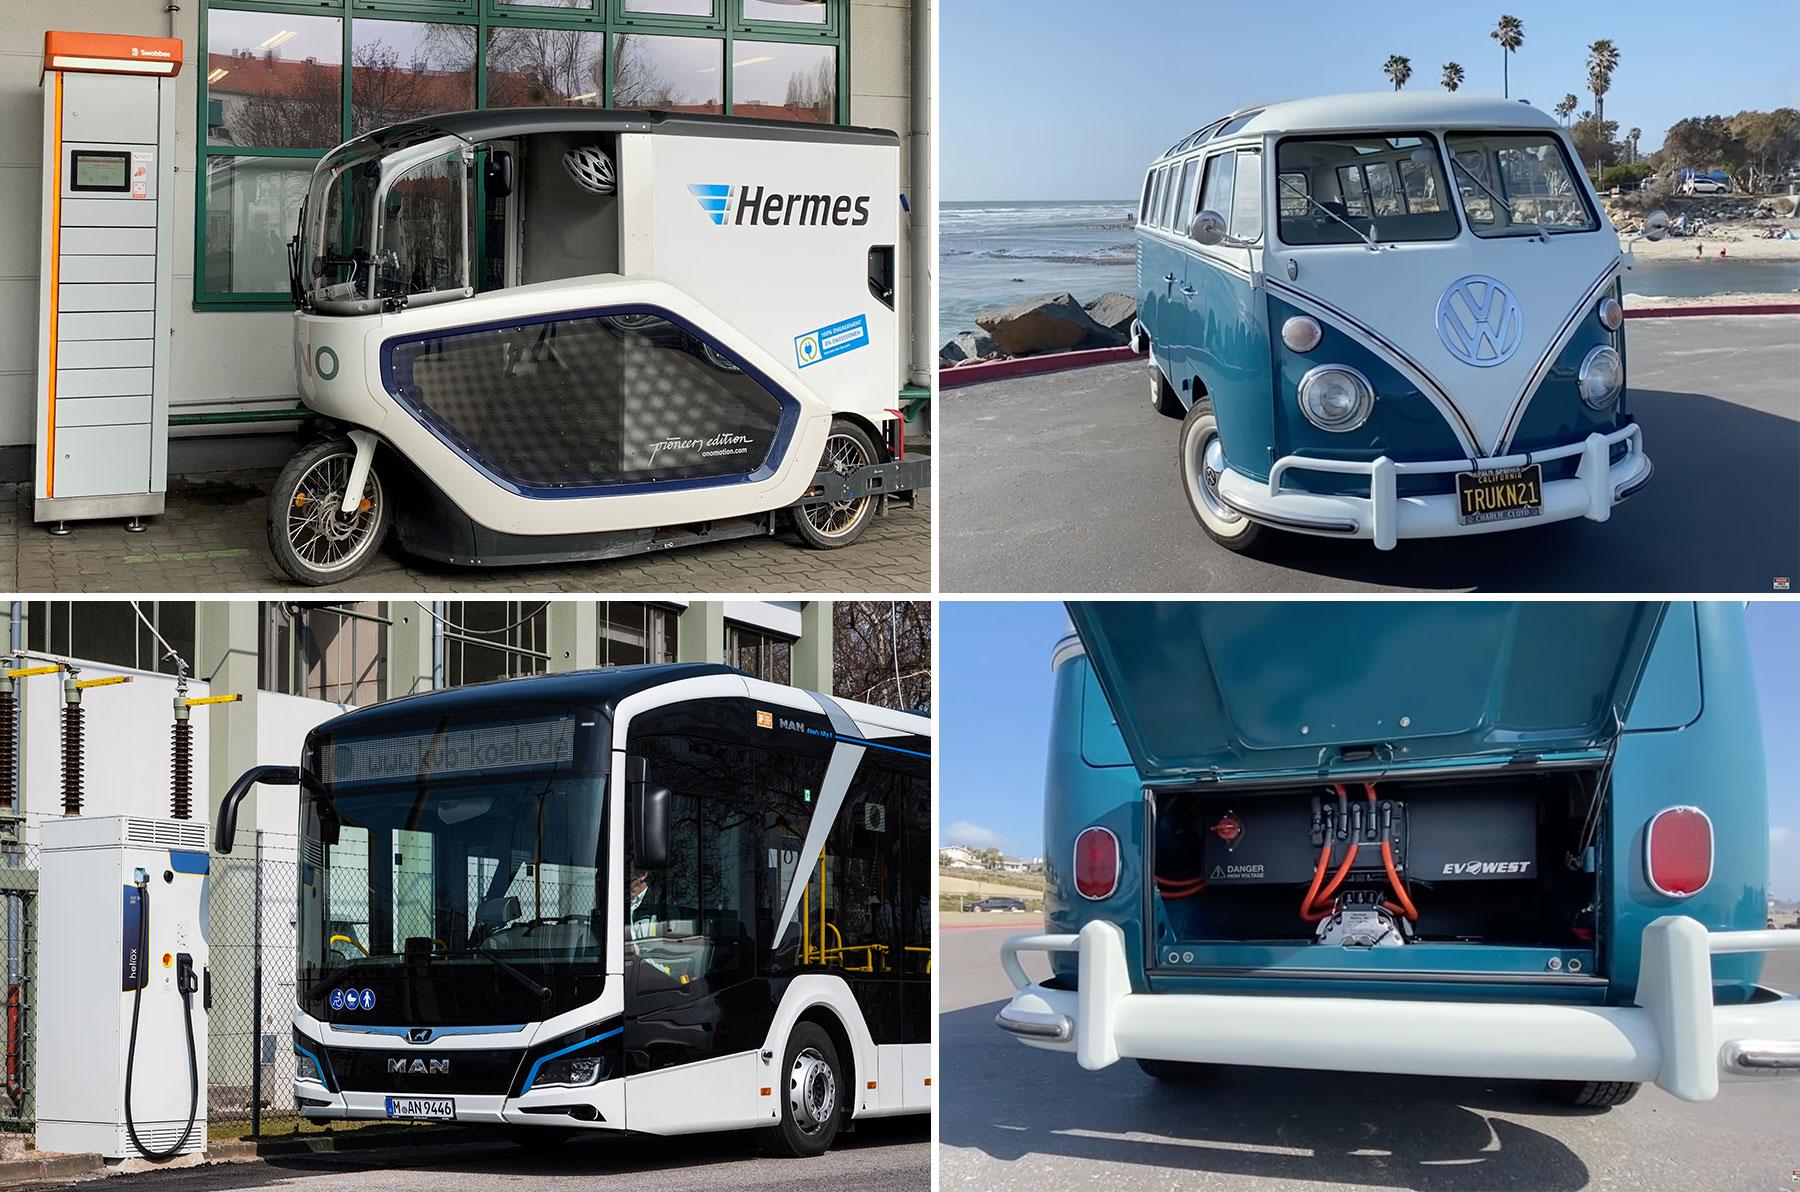 Dienstag Kompakt: Perfekt konvertierter Elektro-Samba, MAN E-Gelenkbus auf Linie, Hermes baut Lastenradflotte aus, bei PHEVs sind die Deutschen am innovativsten - e-engine - Alles rund um E-Mobilität